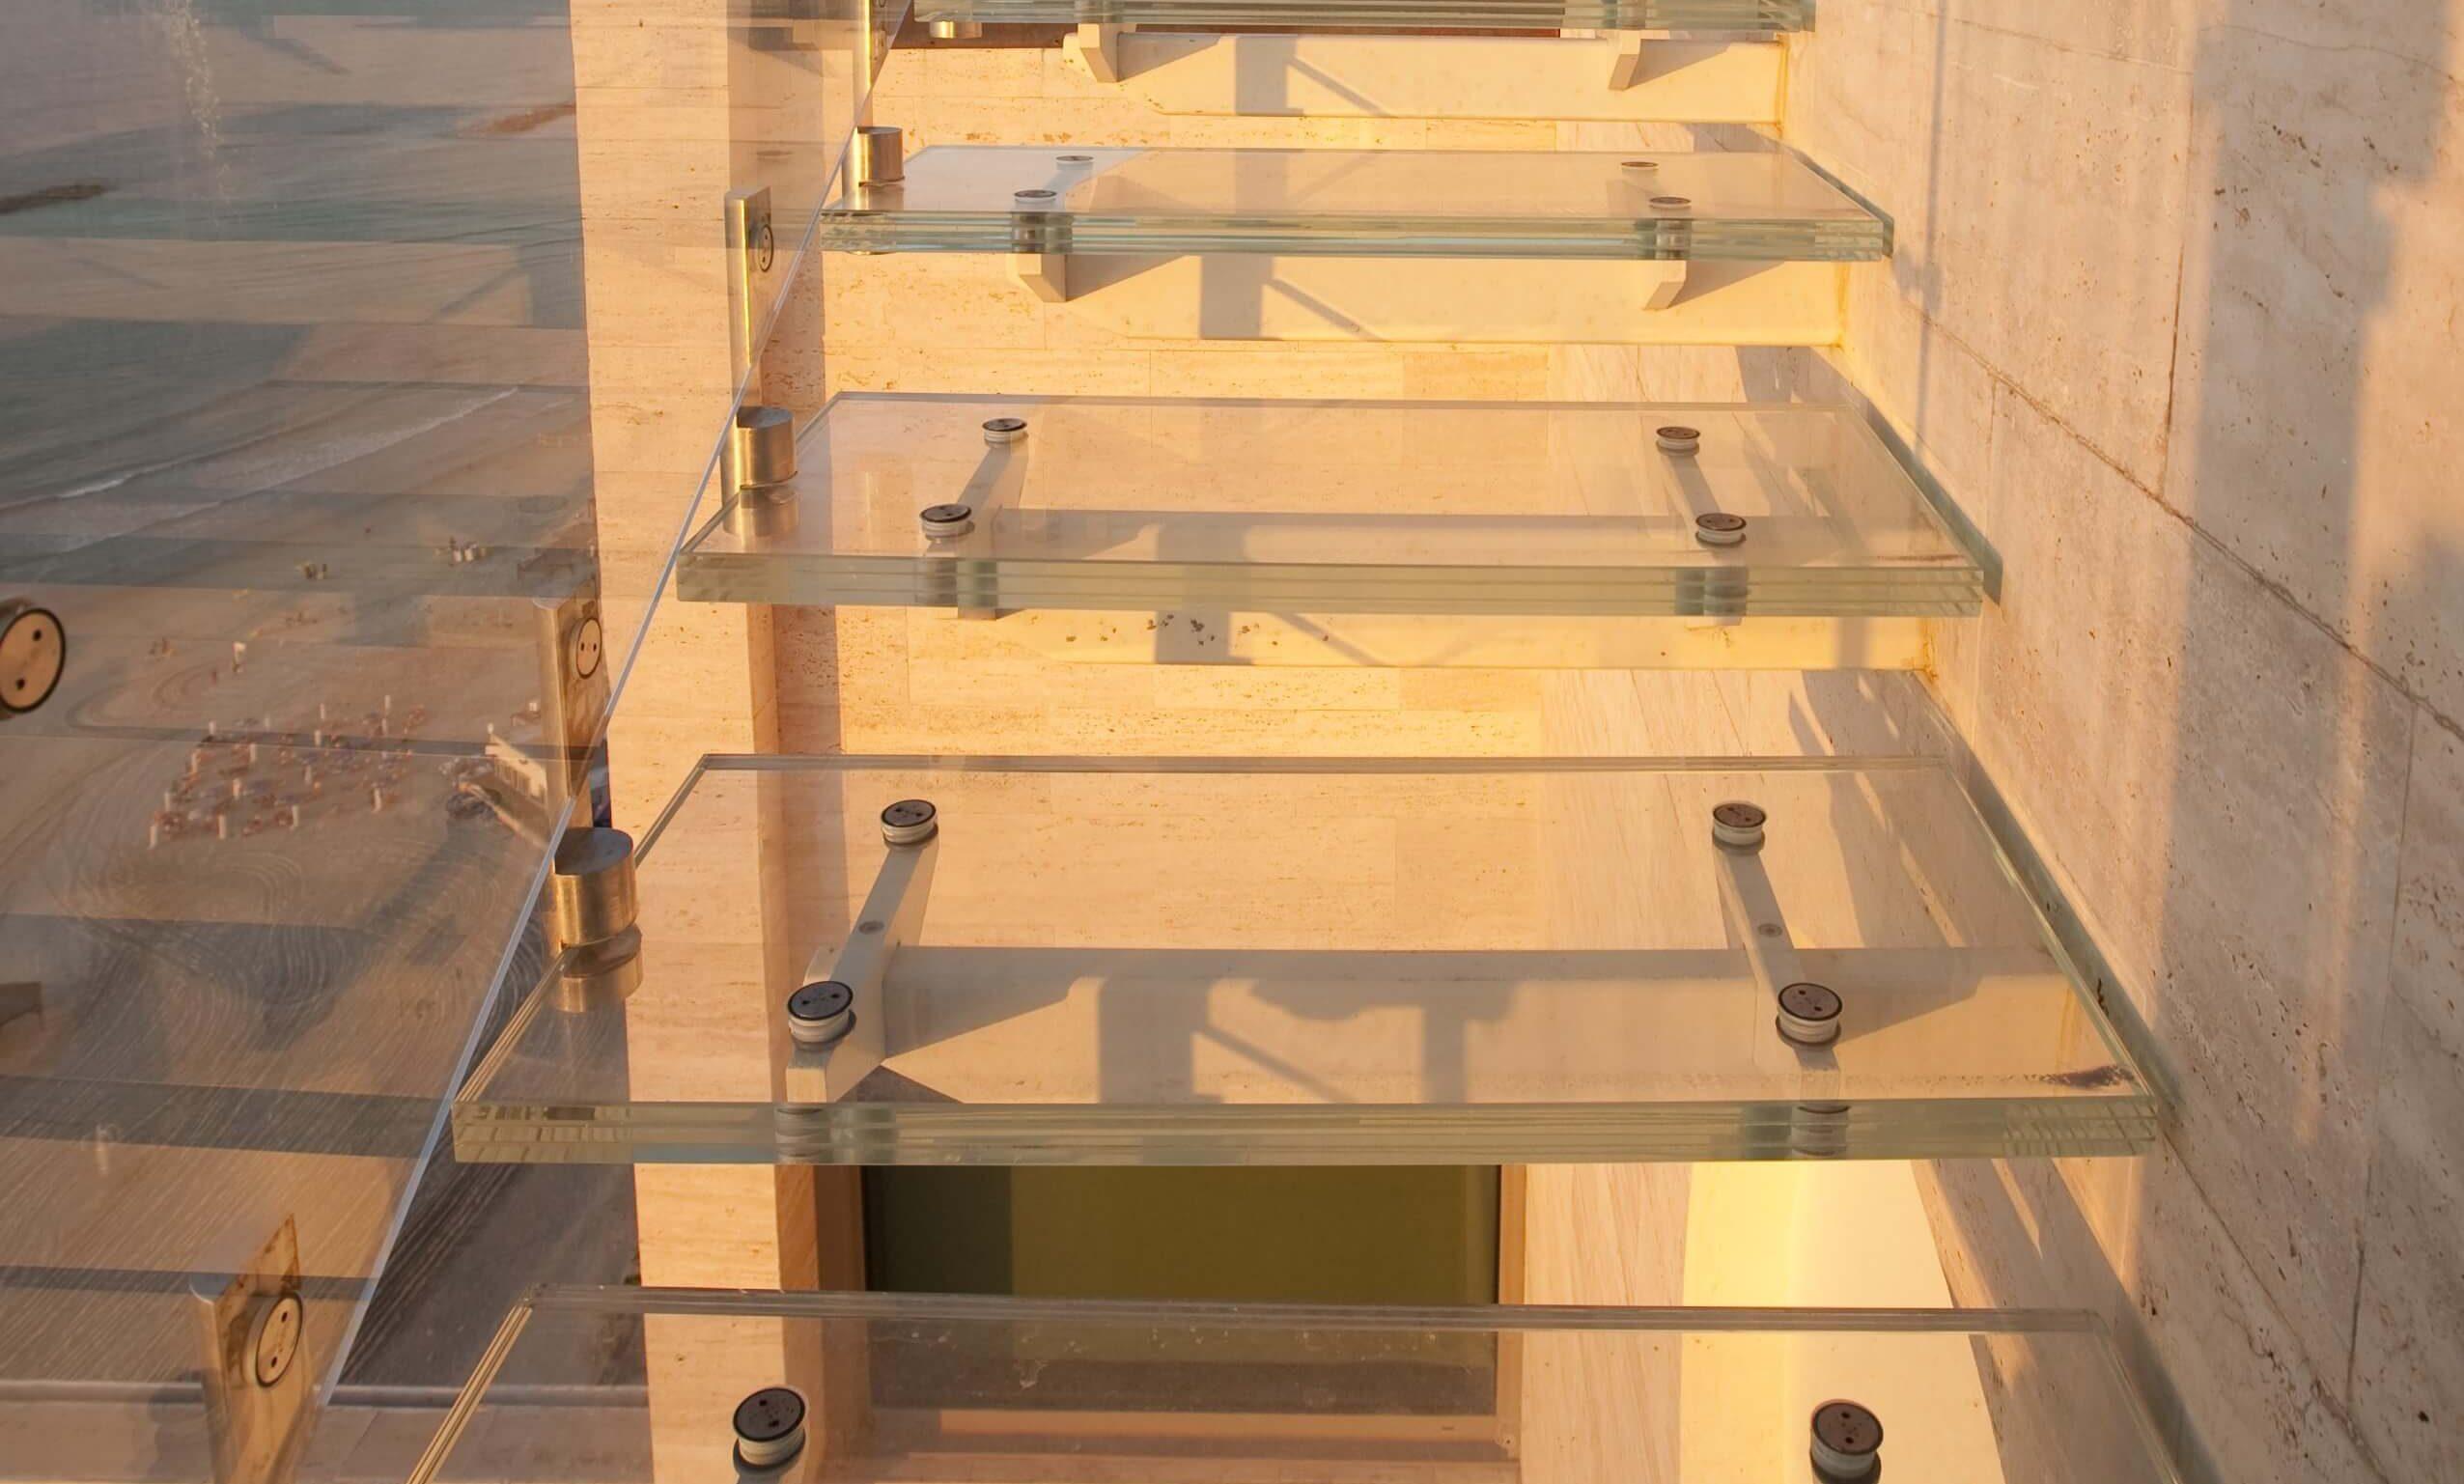 מדרגות מזכוכית עם מעקה זכוכית בכניסה לבית